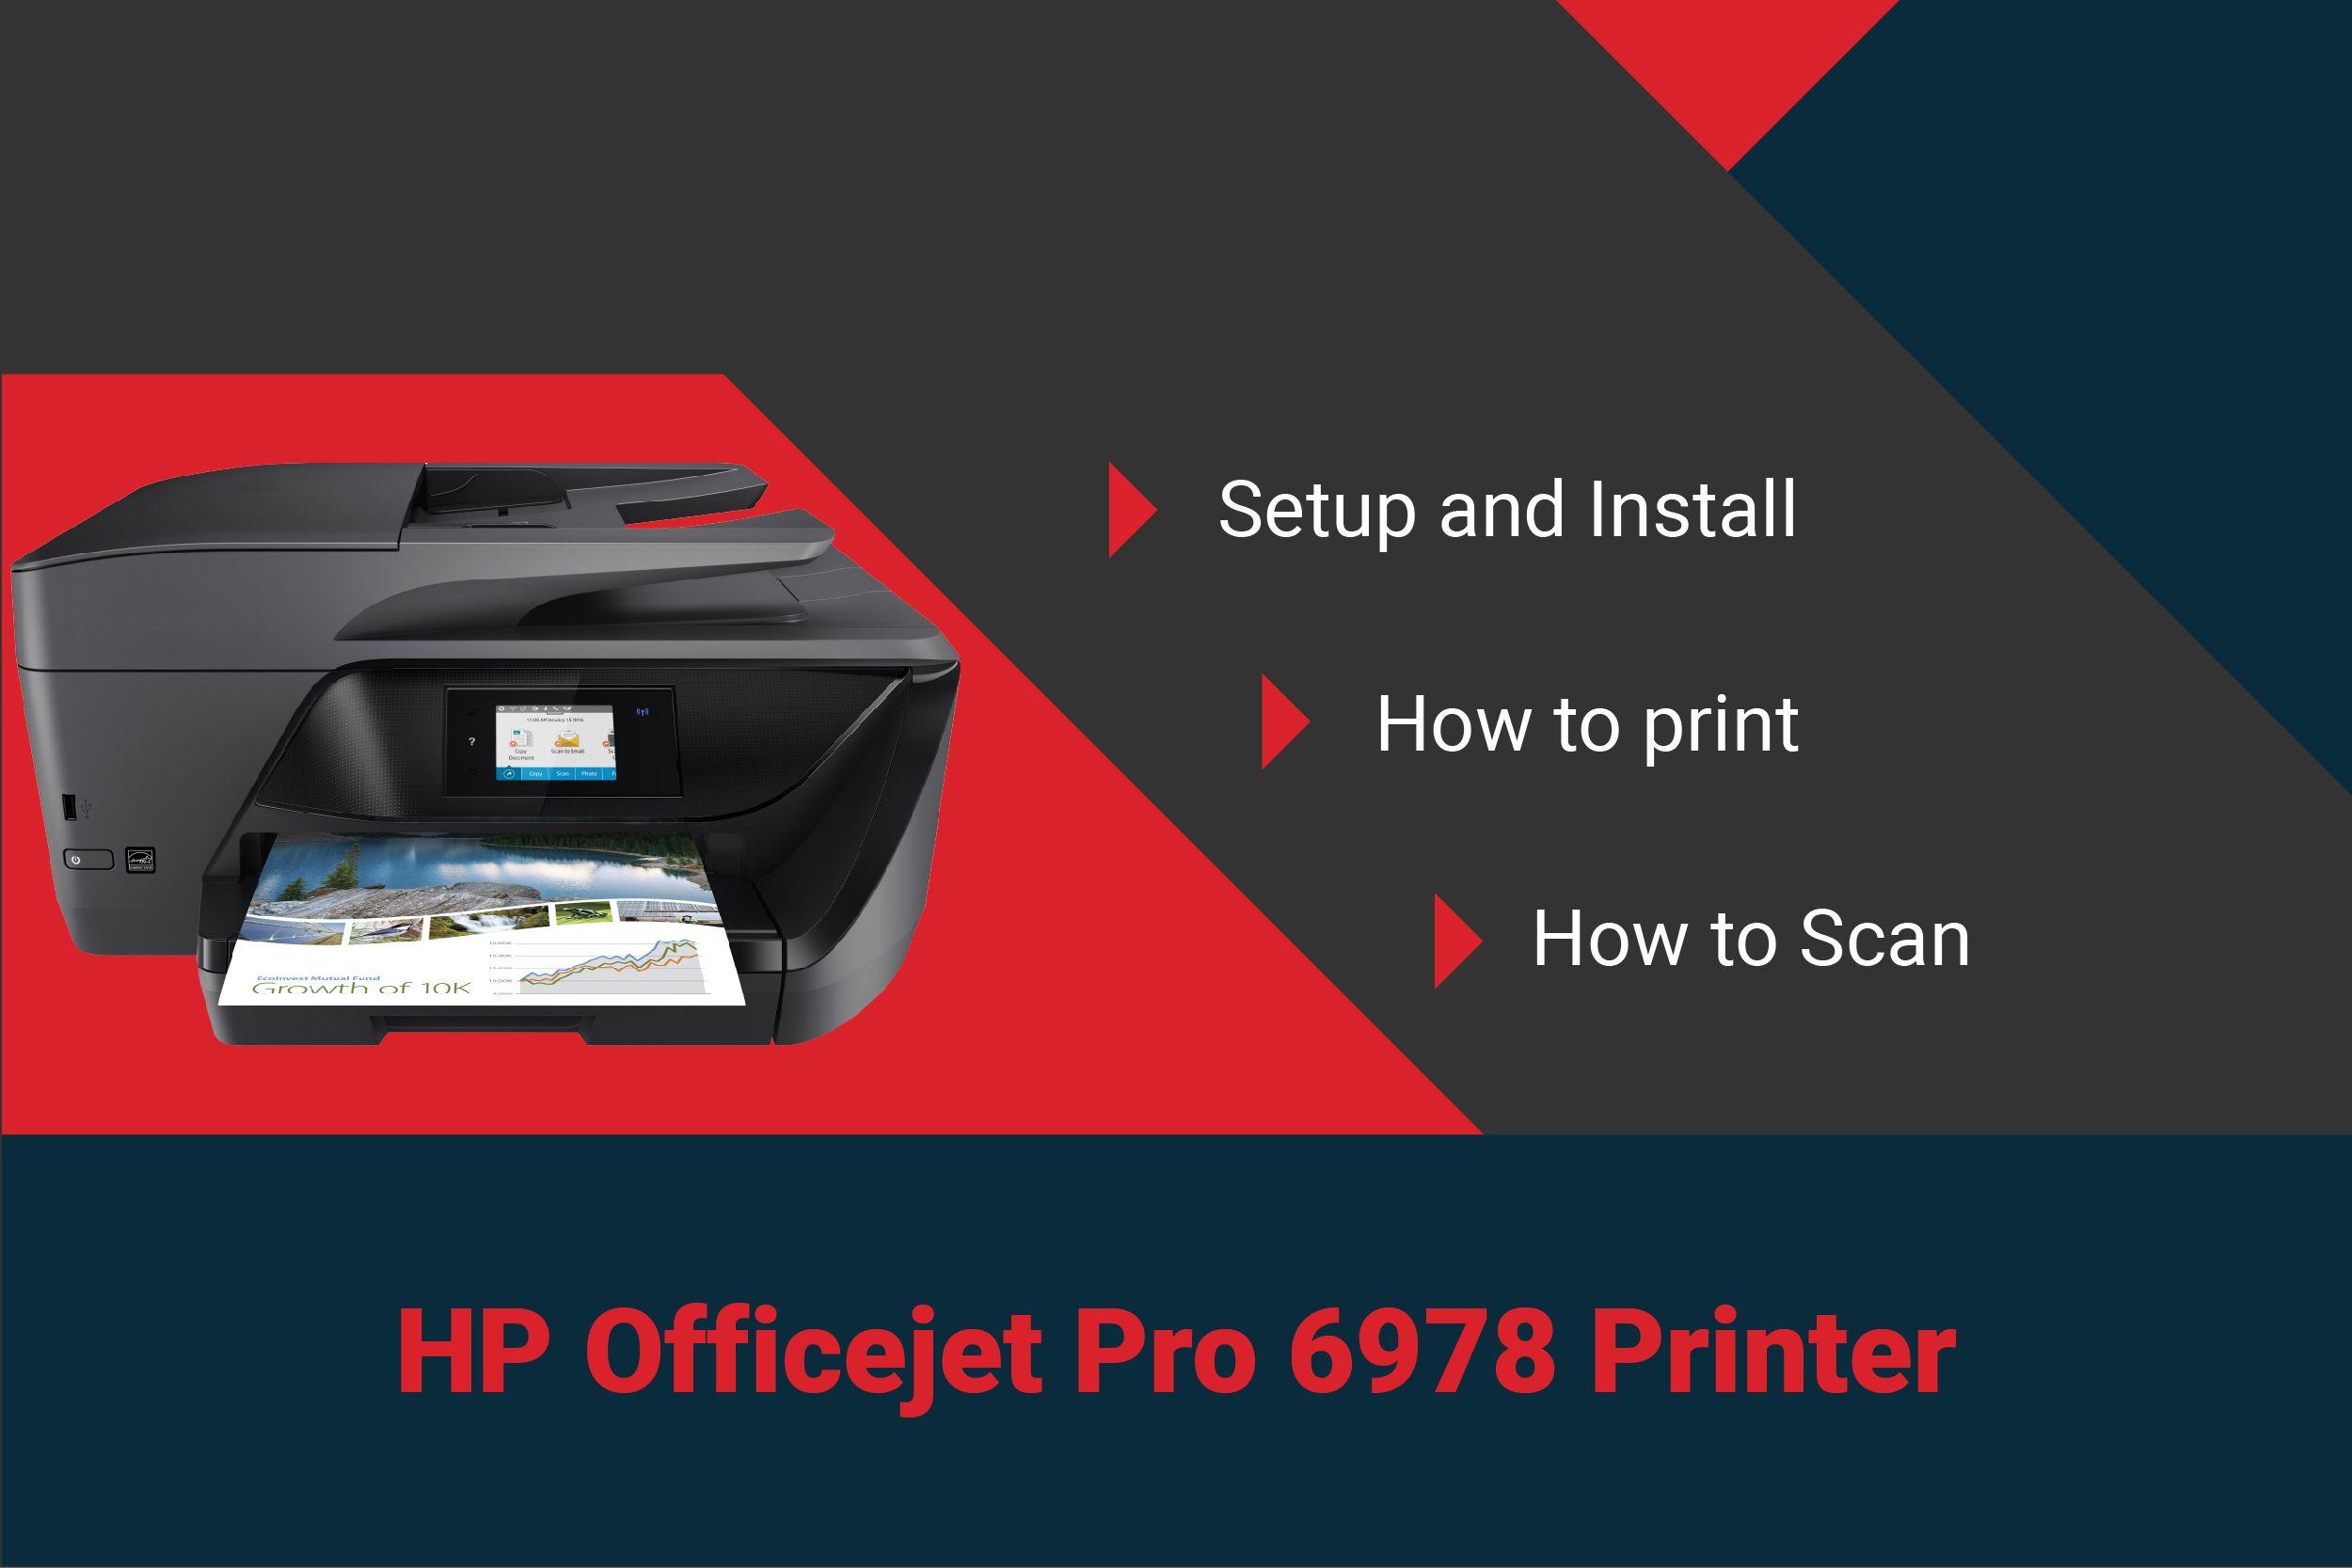 Full HP Officejet pro 6978 printer setup, software